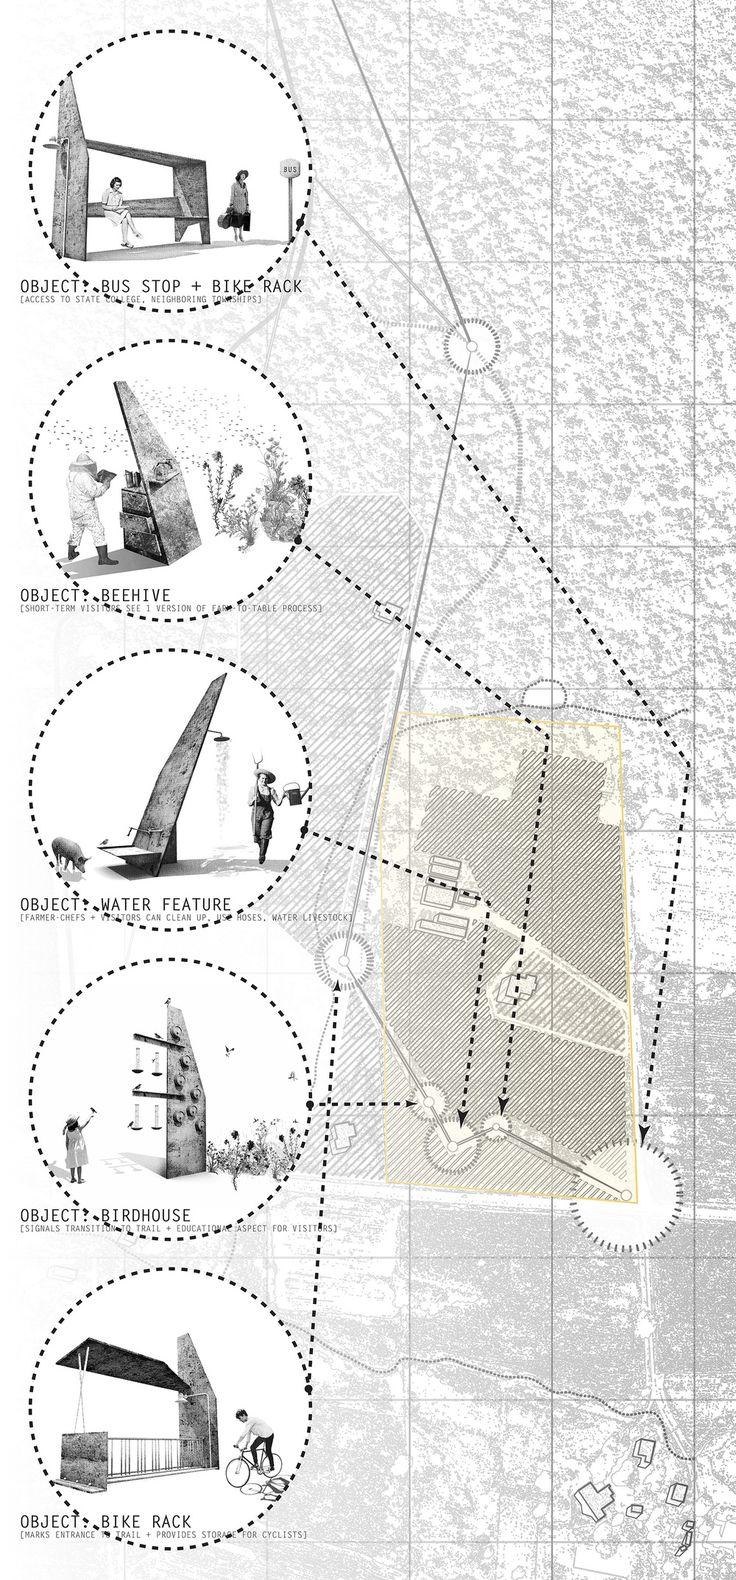 farm-to-table penn state architecture diagram #pennstate #architecture #objects #diagram #farm